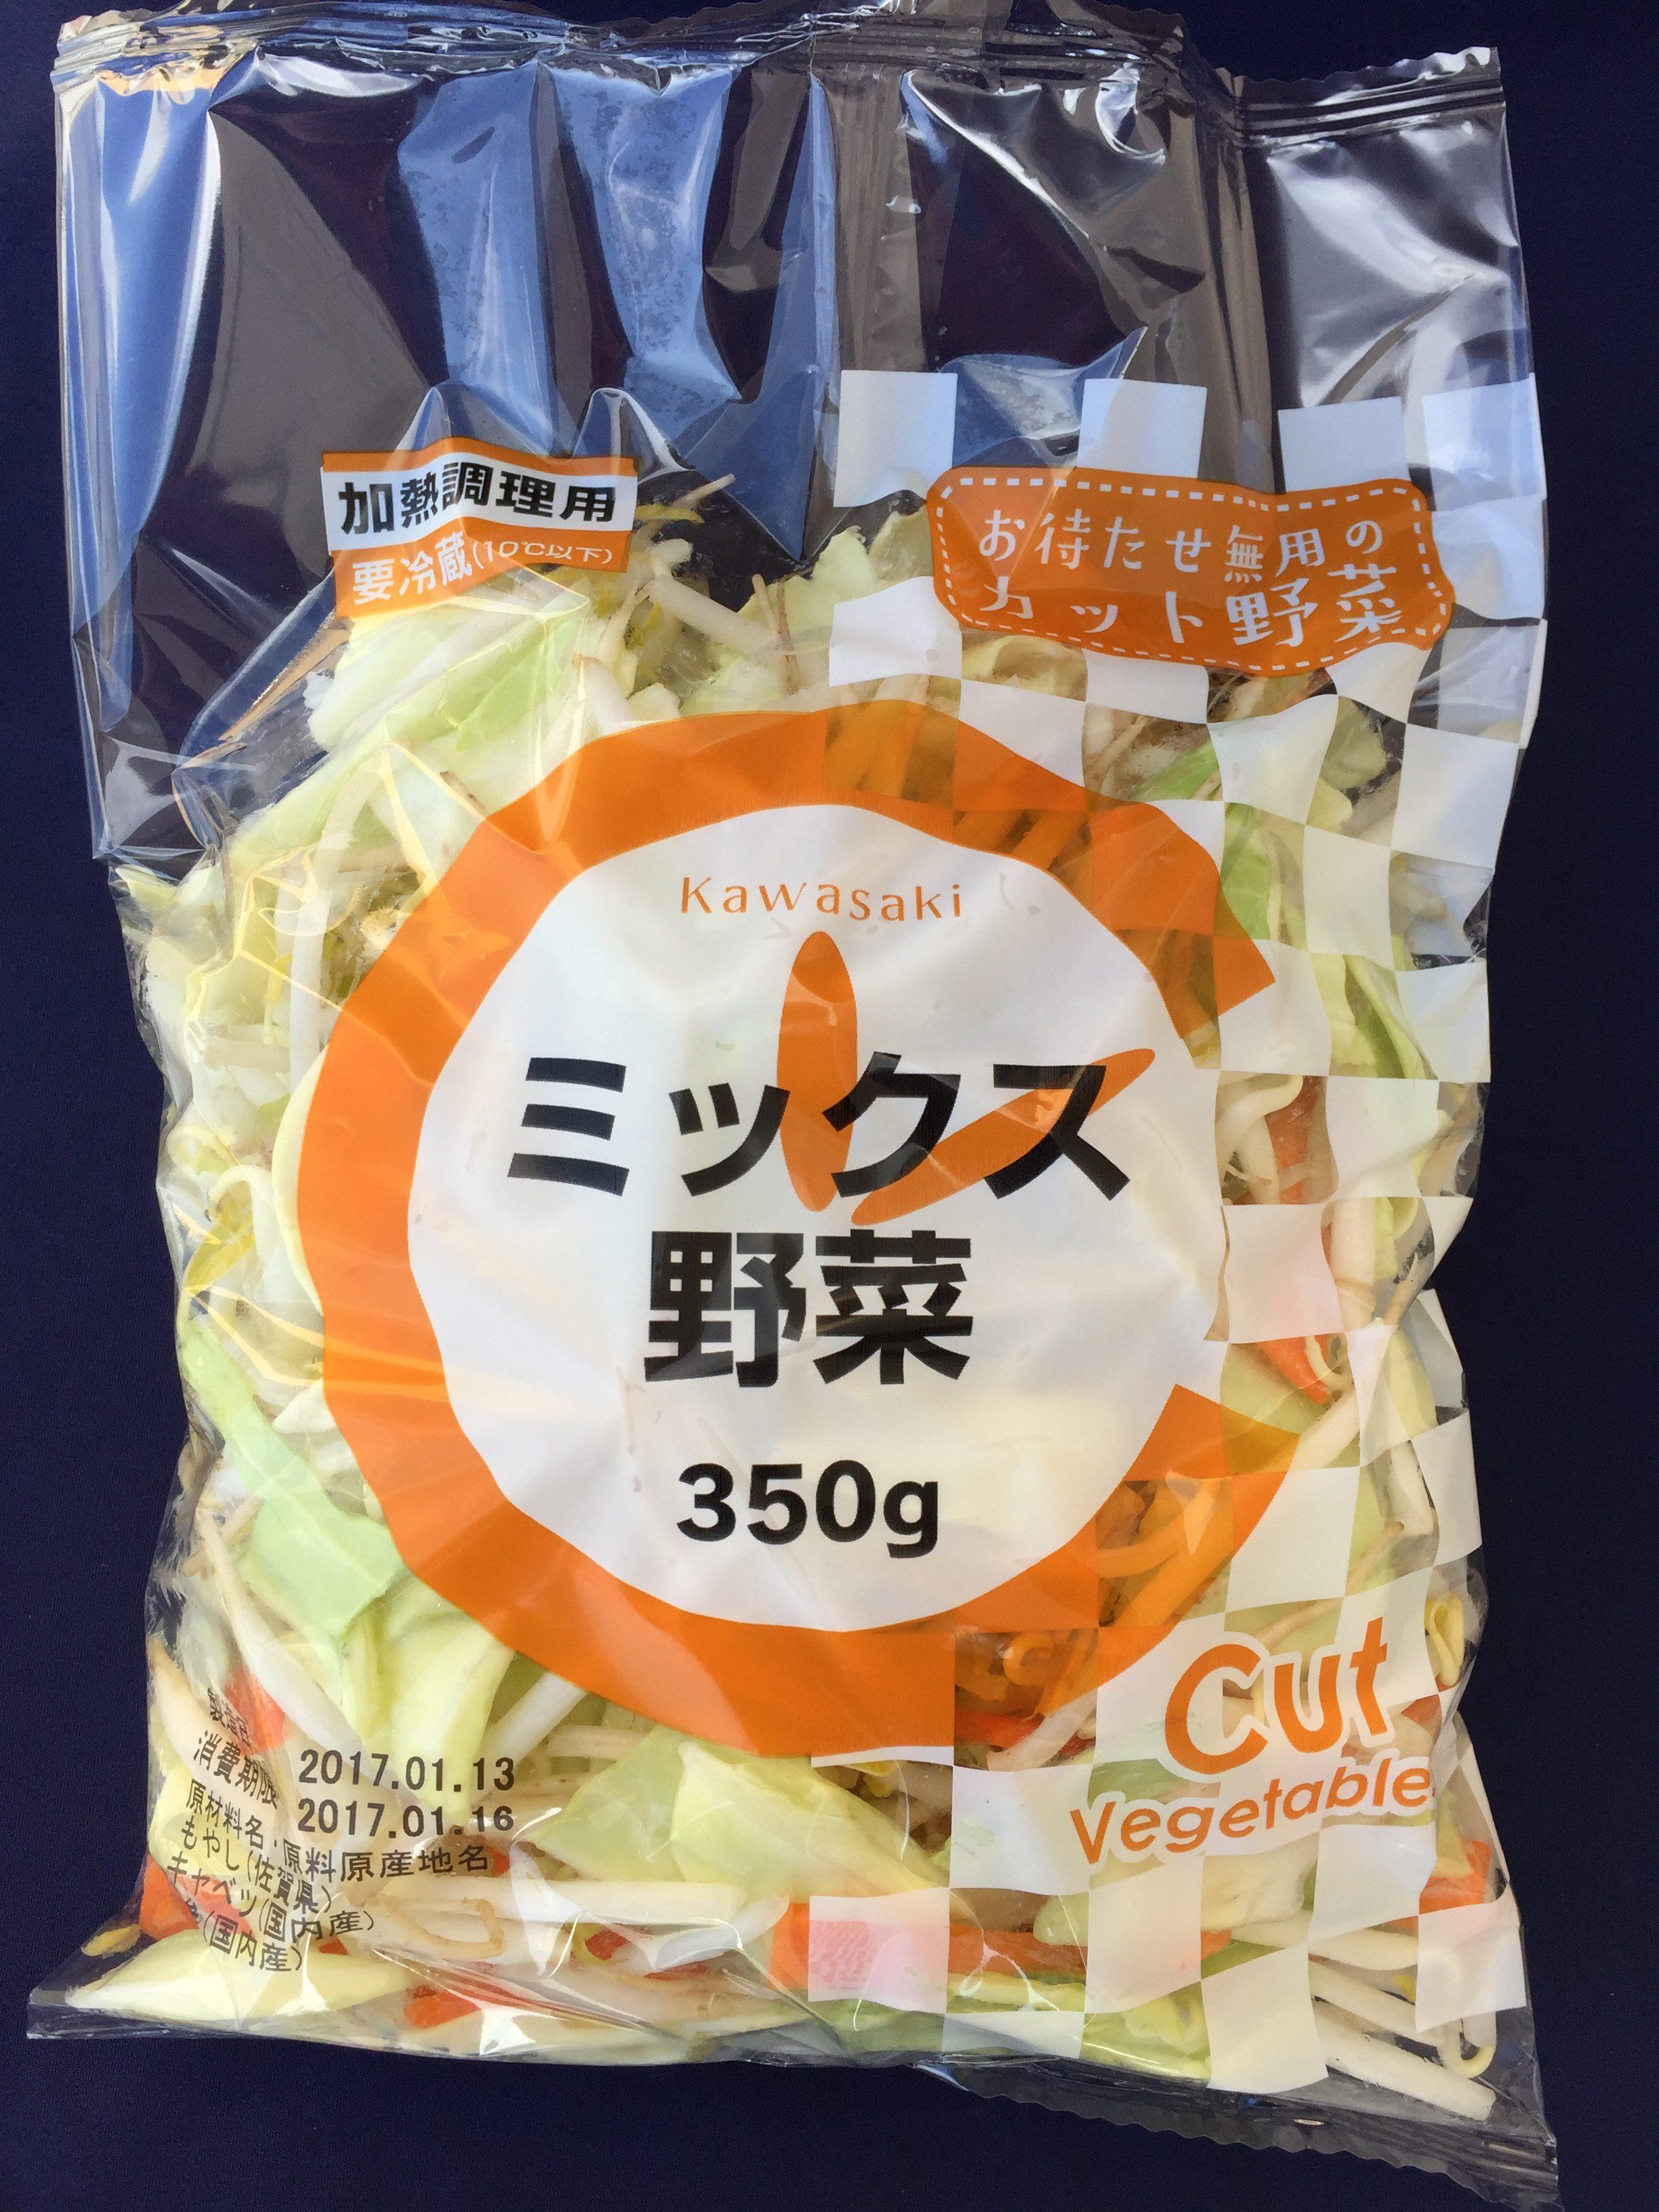 ミックス野菜(350g・もやし、キャベツ、人参)